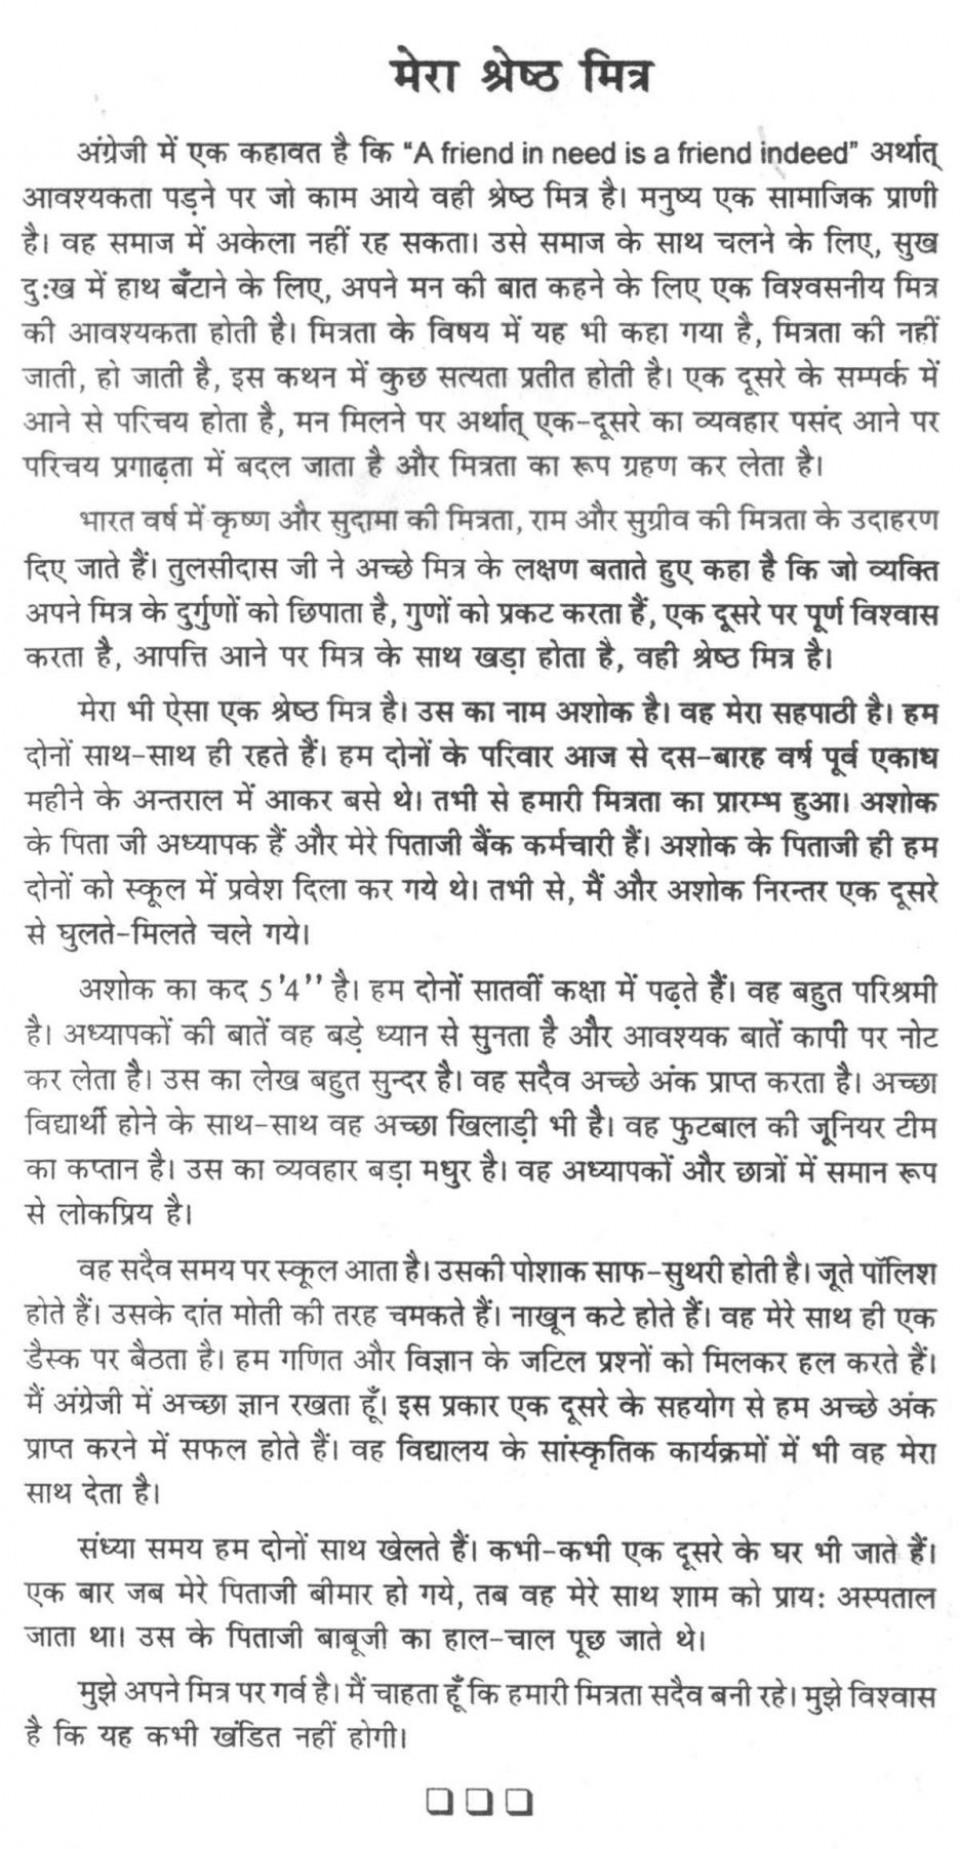 003 Essay Example Qualities Of Good Friends Friend Thumb Teacher Great Characteristics Pdf In Hindi Three Free Language Urdu Amazing A Short 960